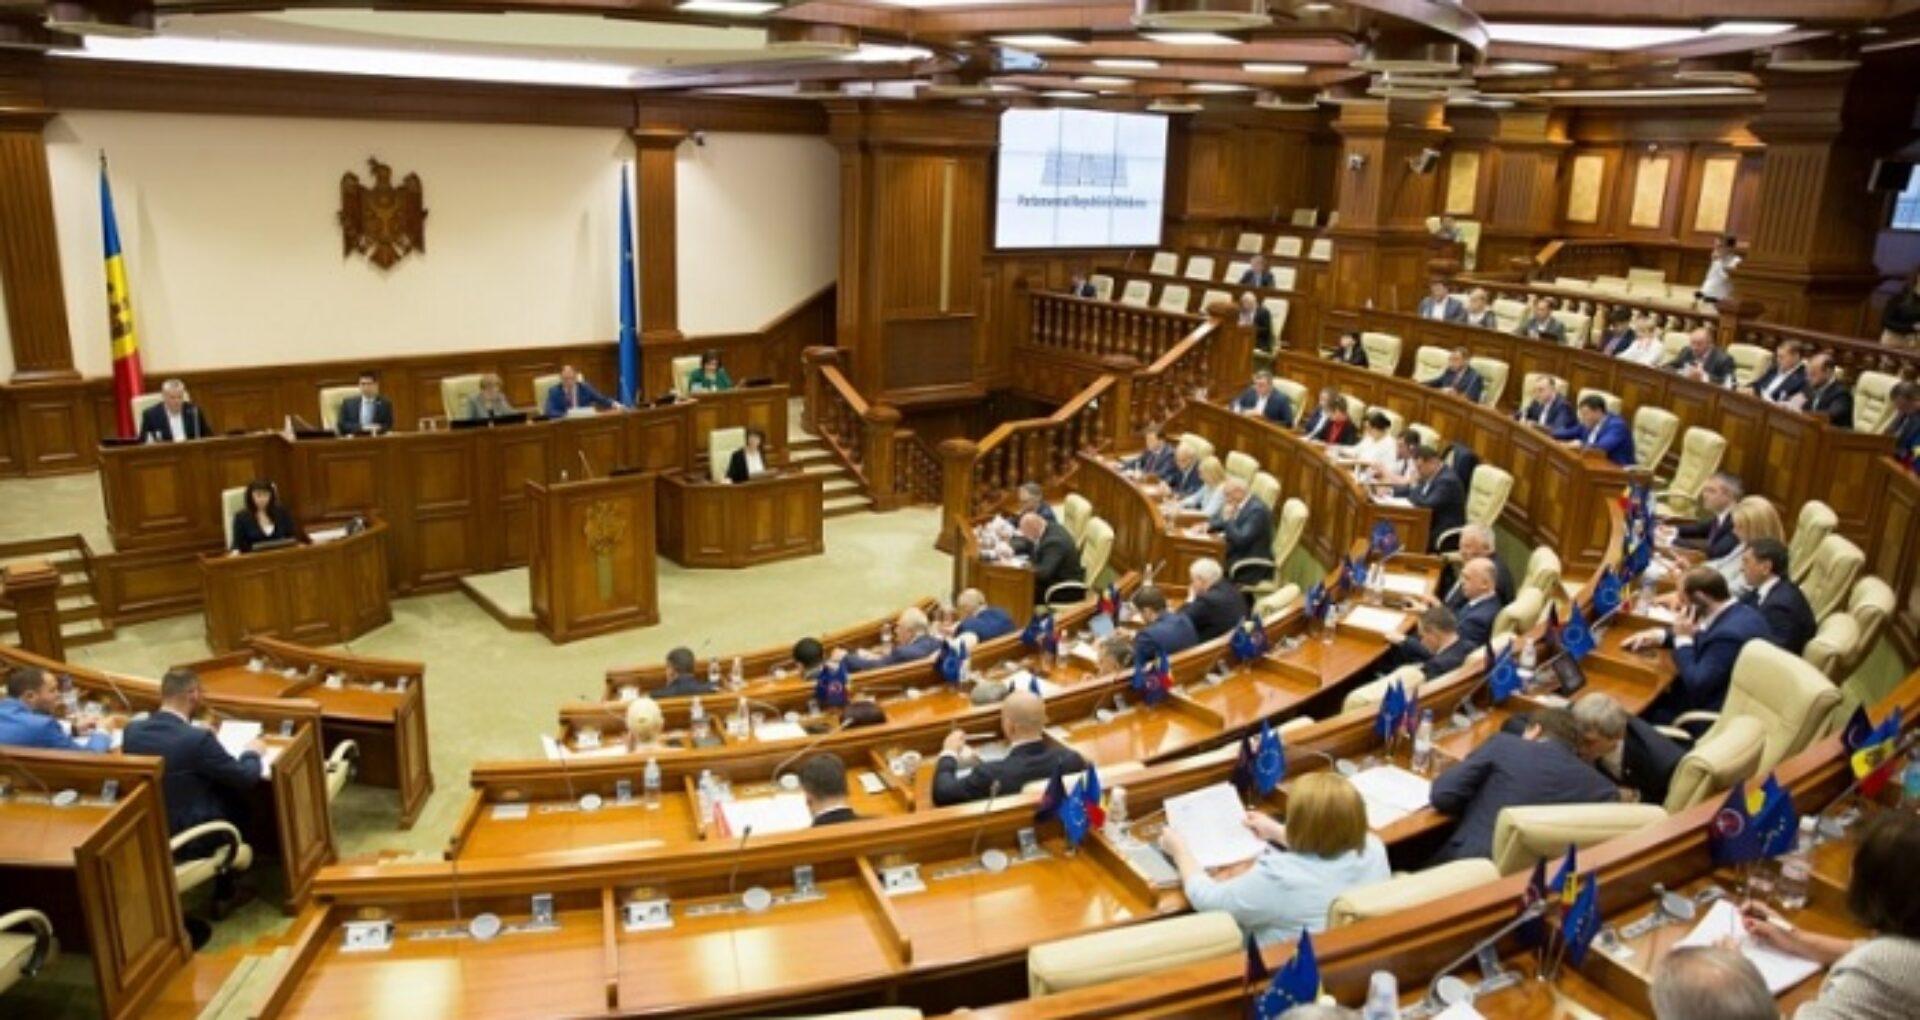 Petițiile care vor colecta 10.000 de semnături vor putea fi discutate în plenul Parlamentului